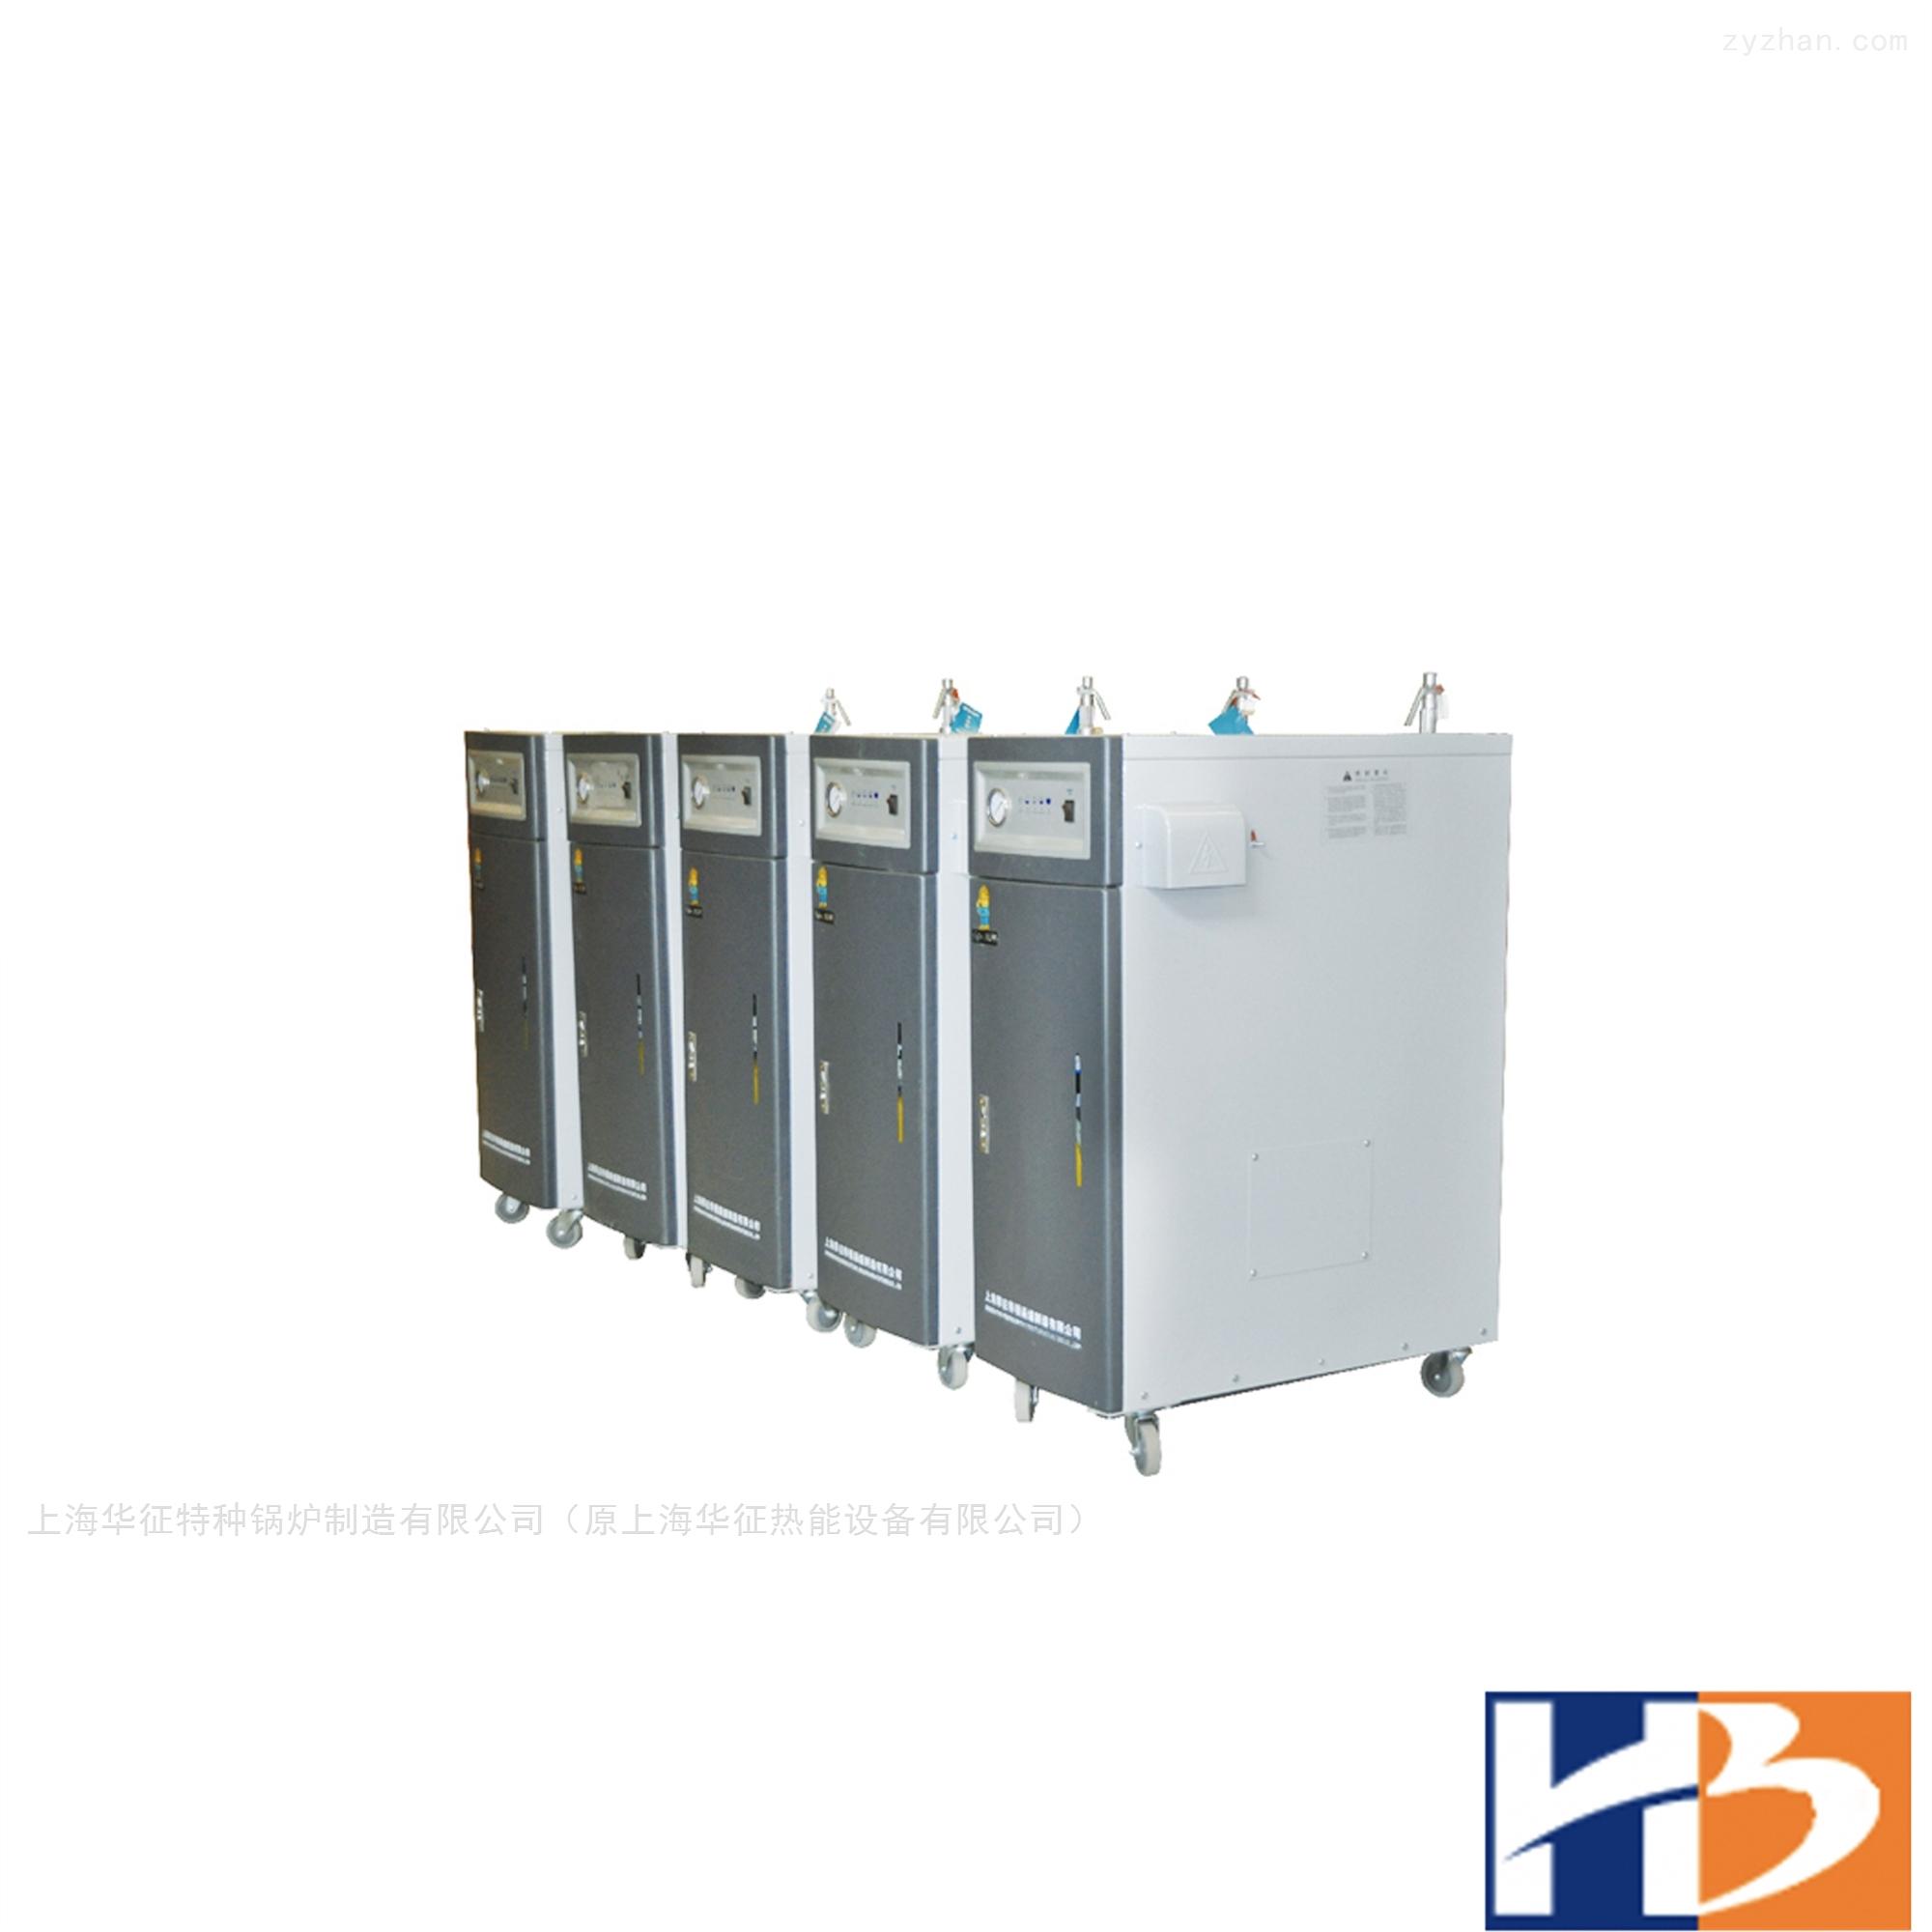 供应京沪高速桥梁养护型号24kw电蒸汽锅炉。